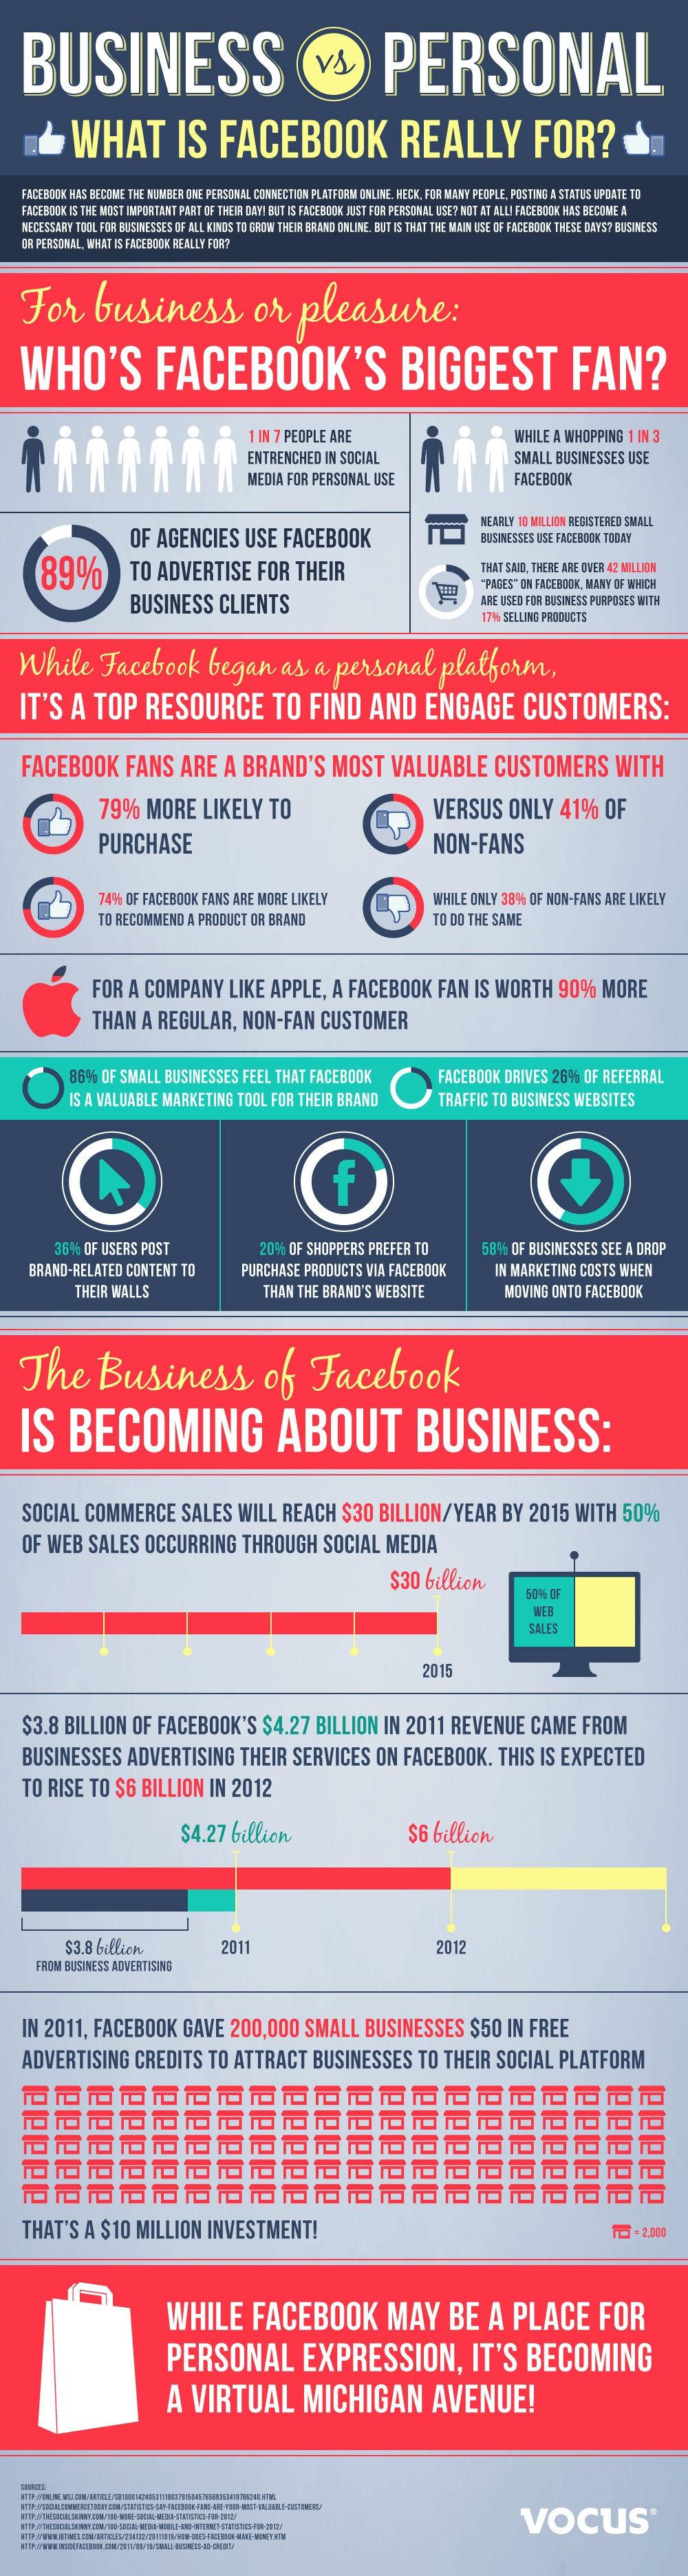 E-Ticaret Sosyal Ağlara Kayıyor [İnfografik]